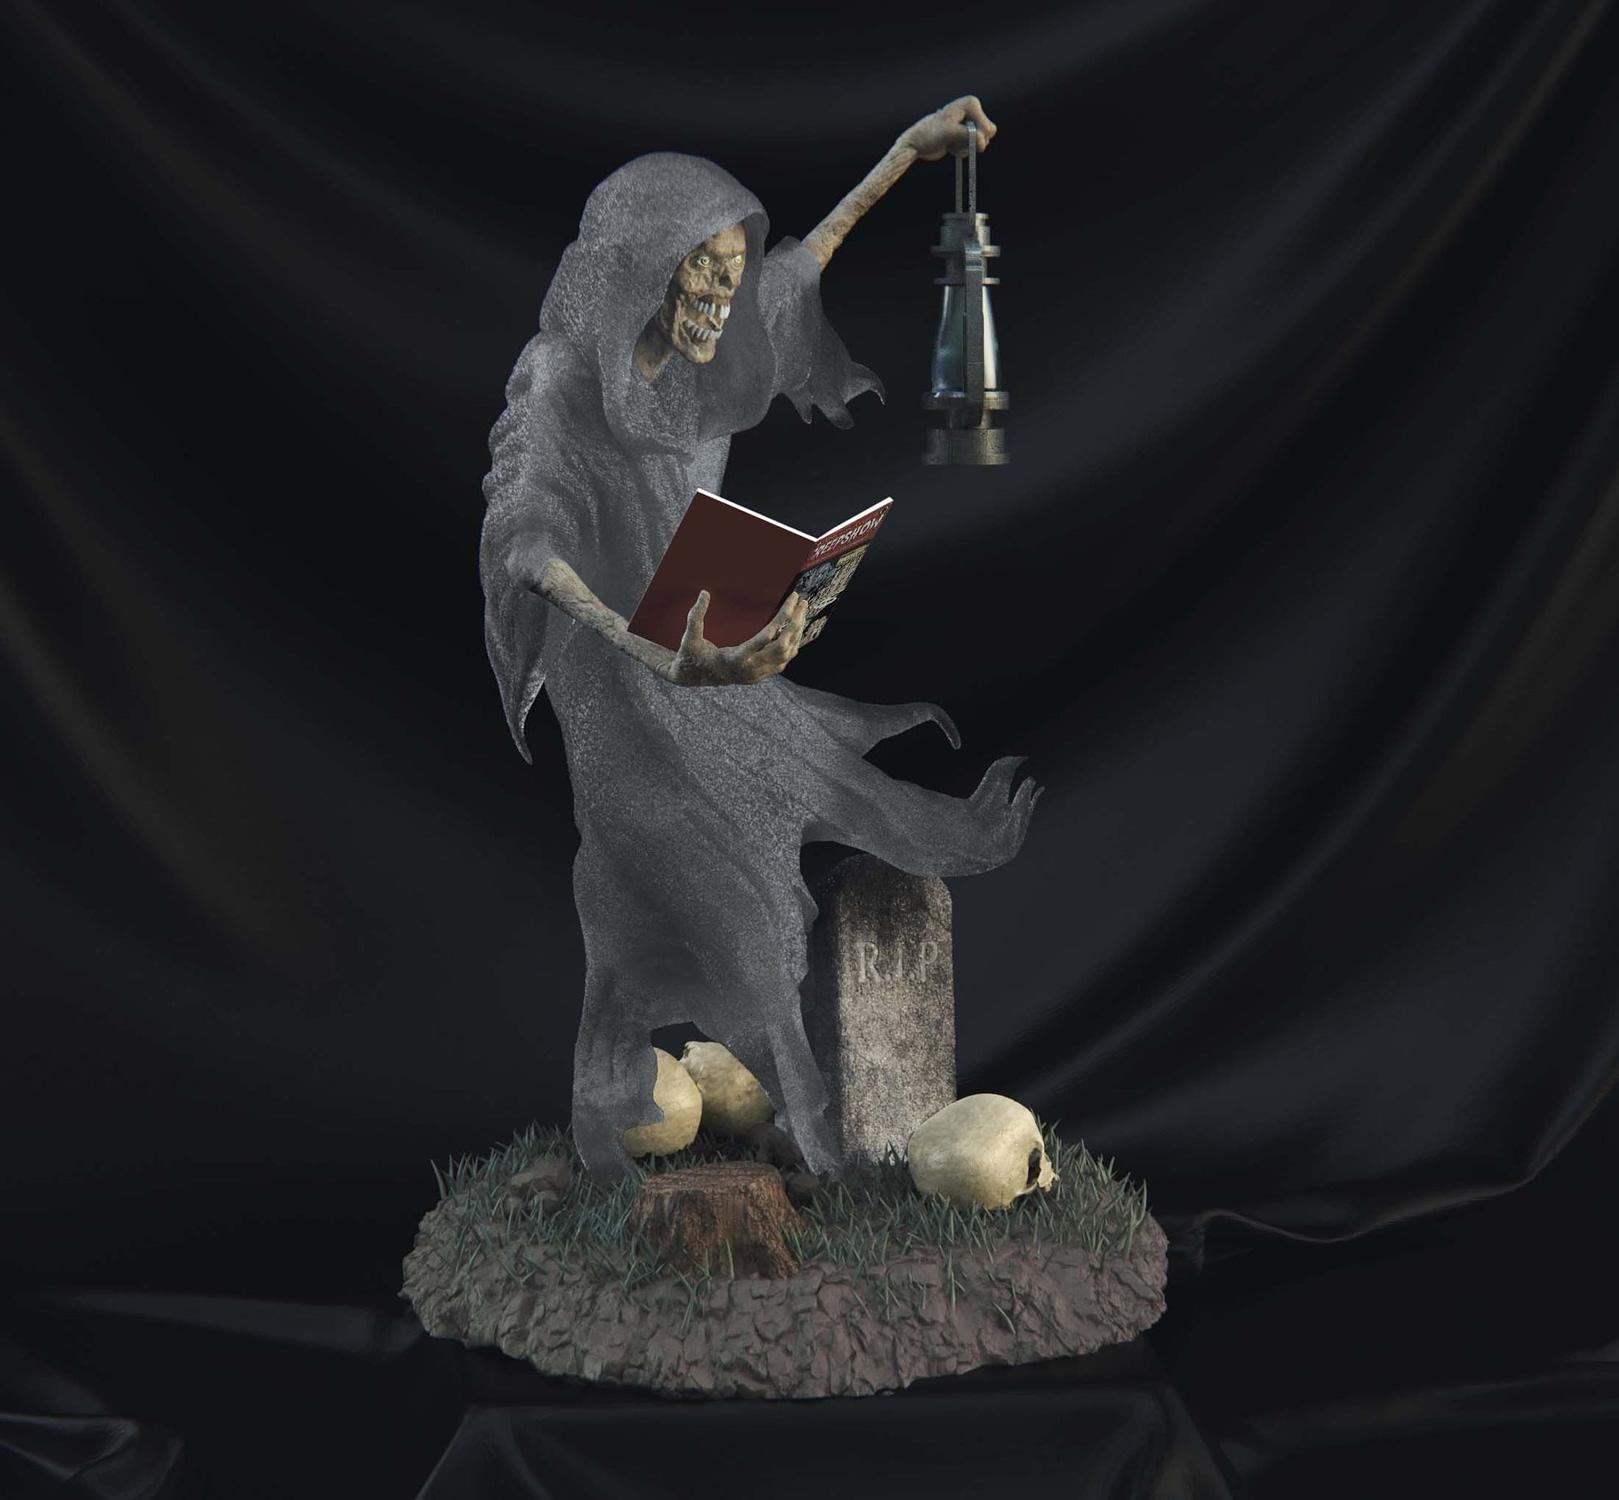 Incendium-Creepshow-Statue-003